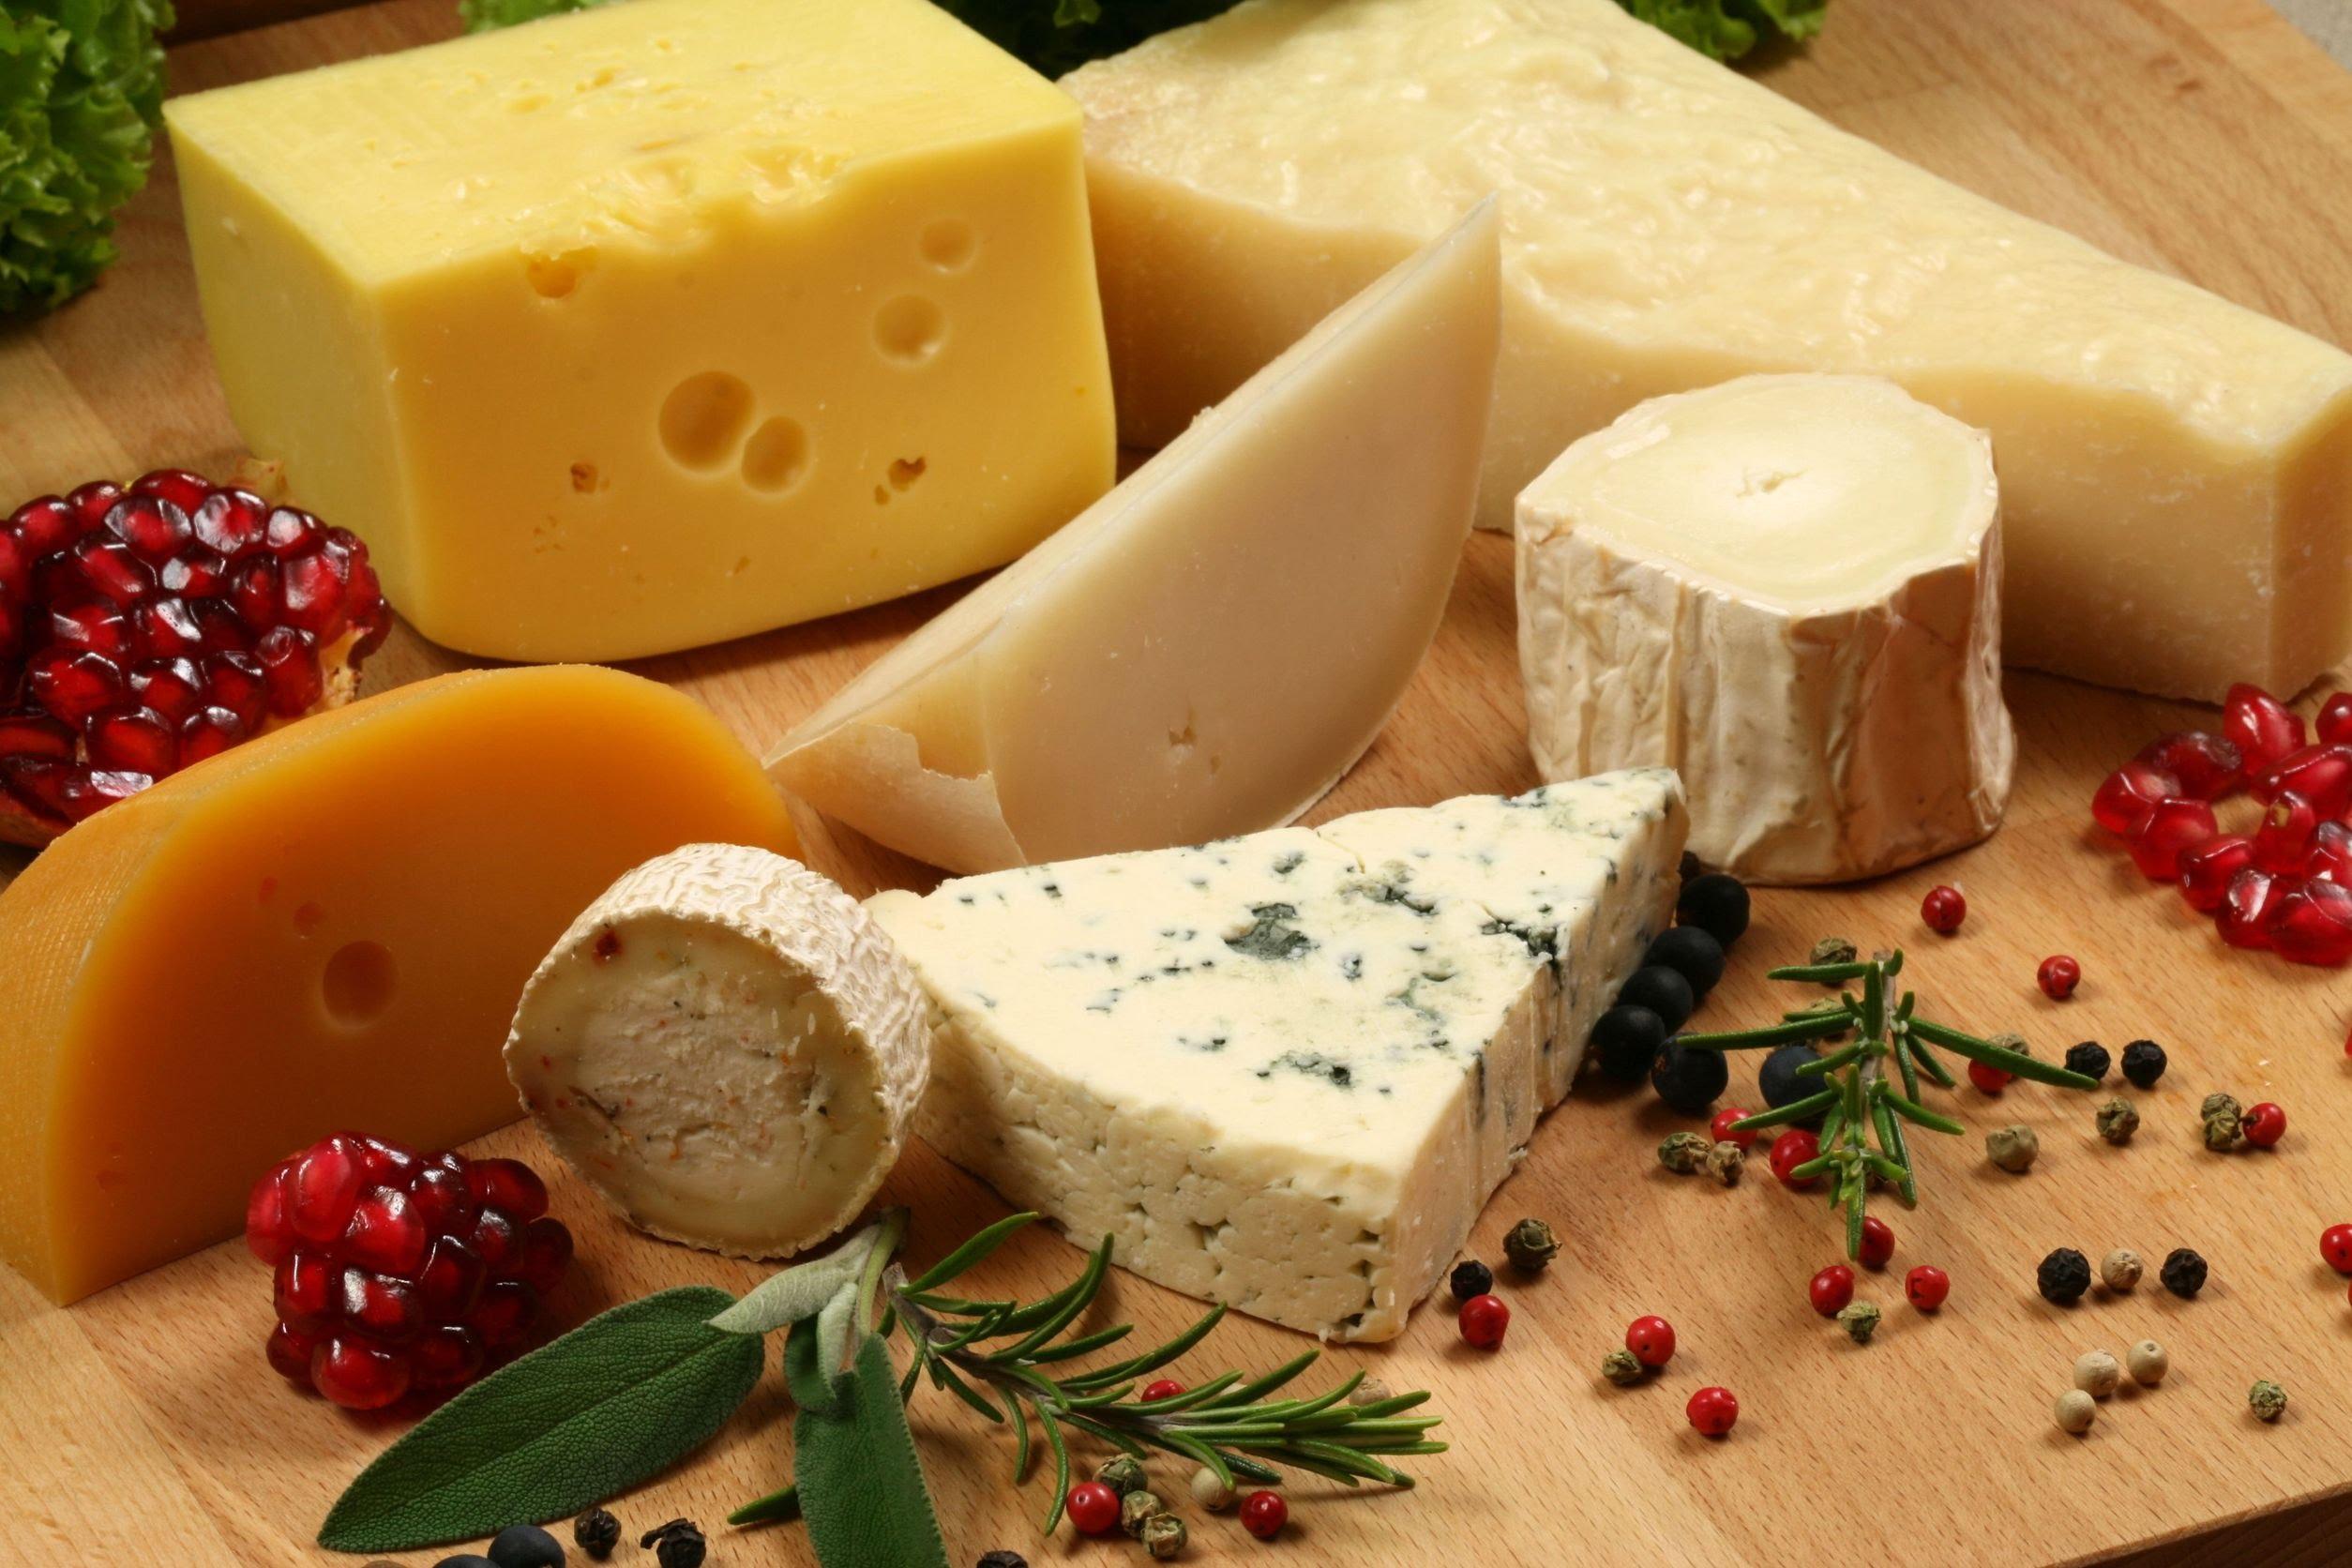 turk-peynirleri